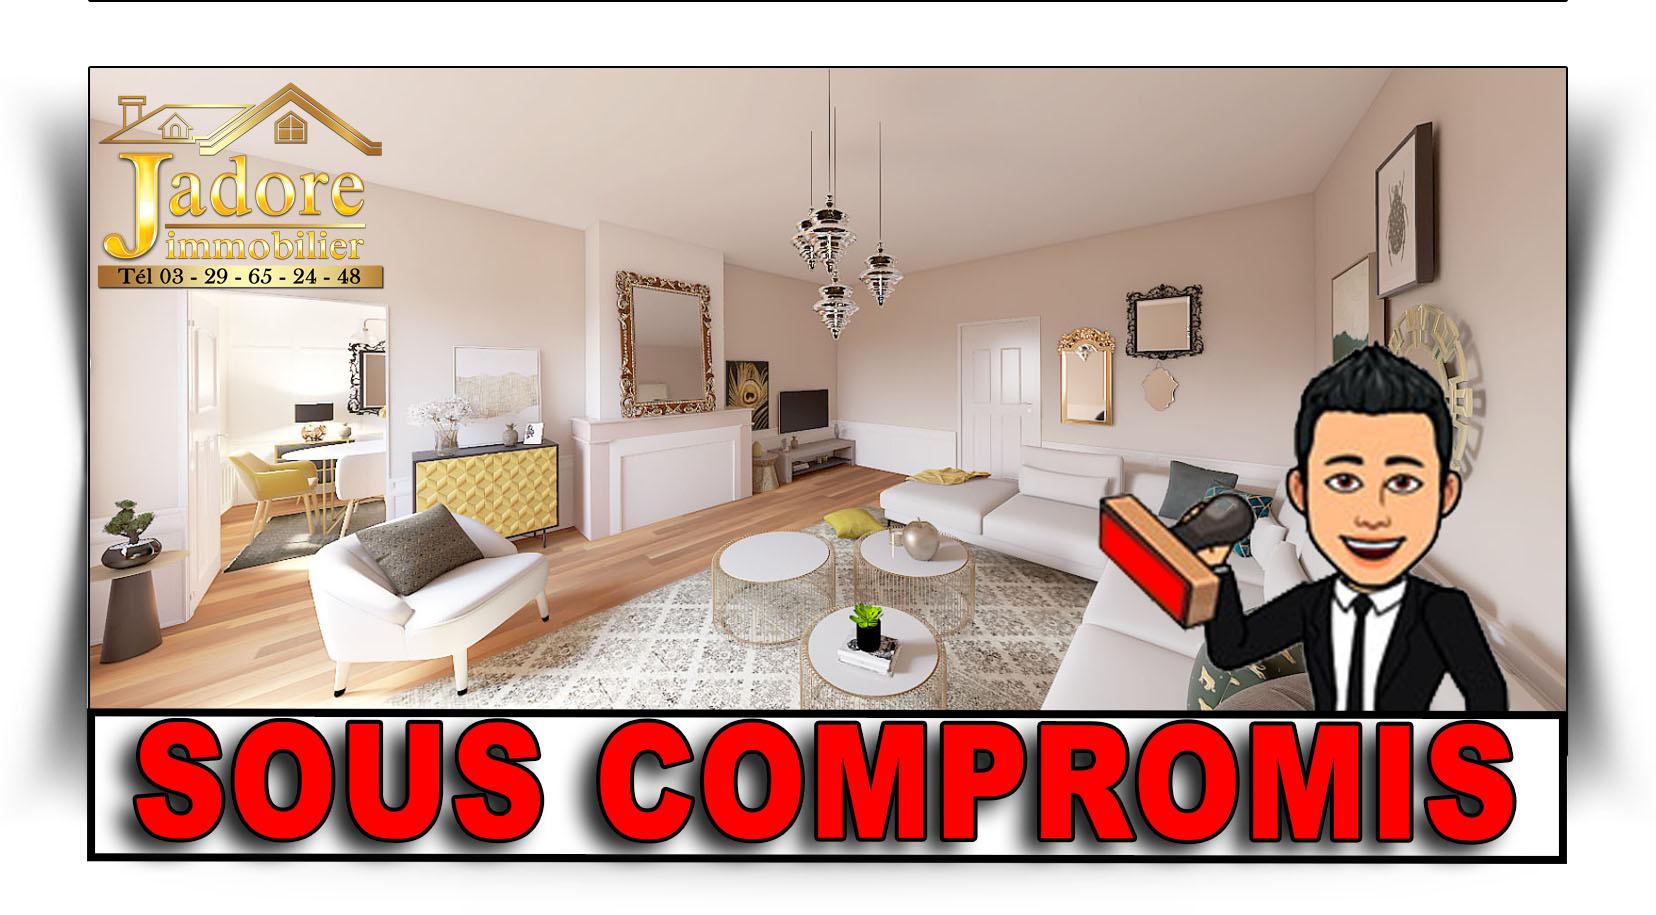 maison/villa à vendre bayon